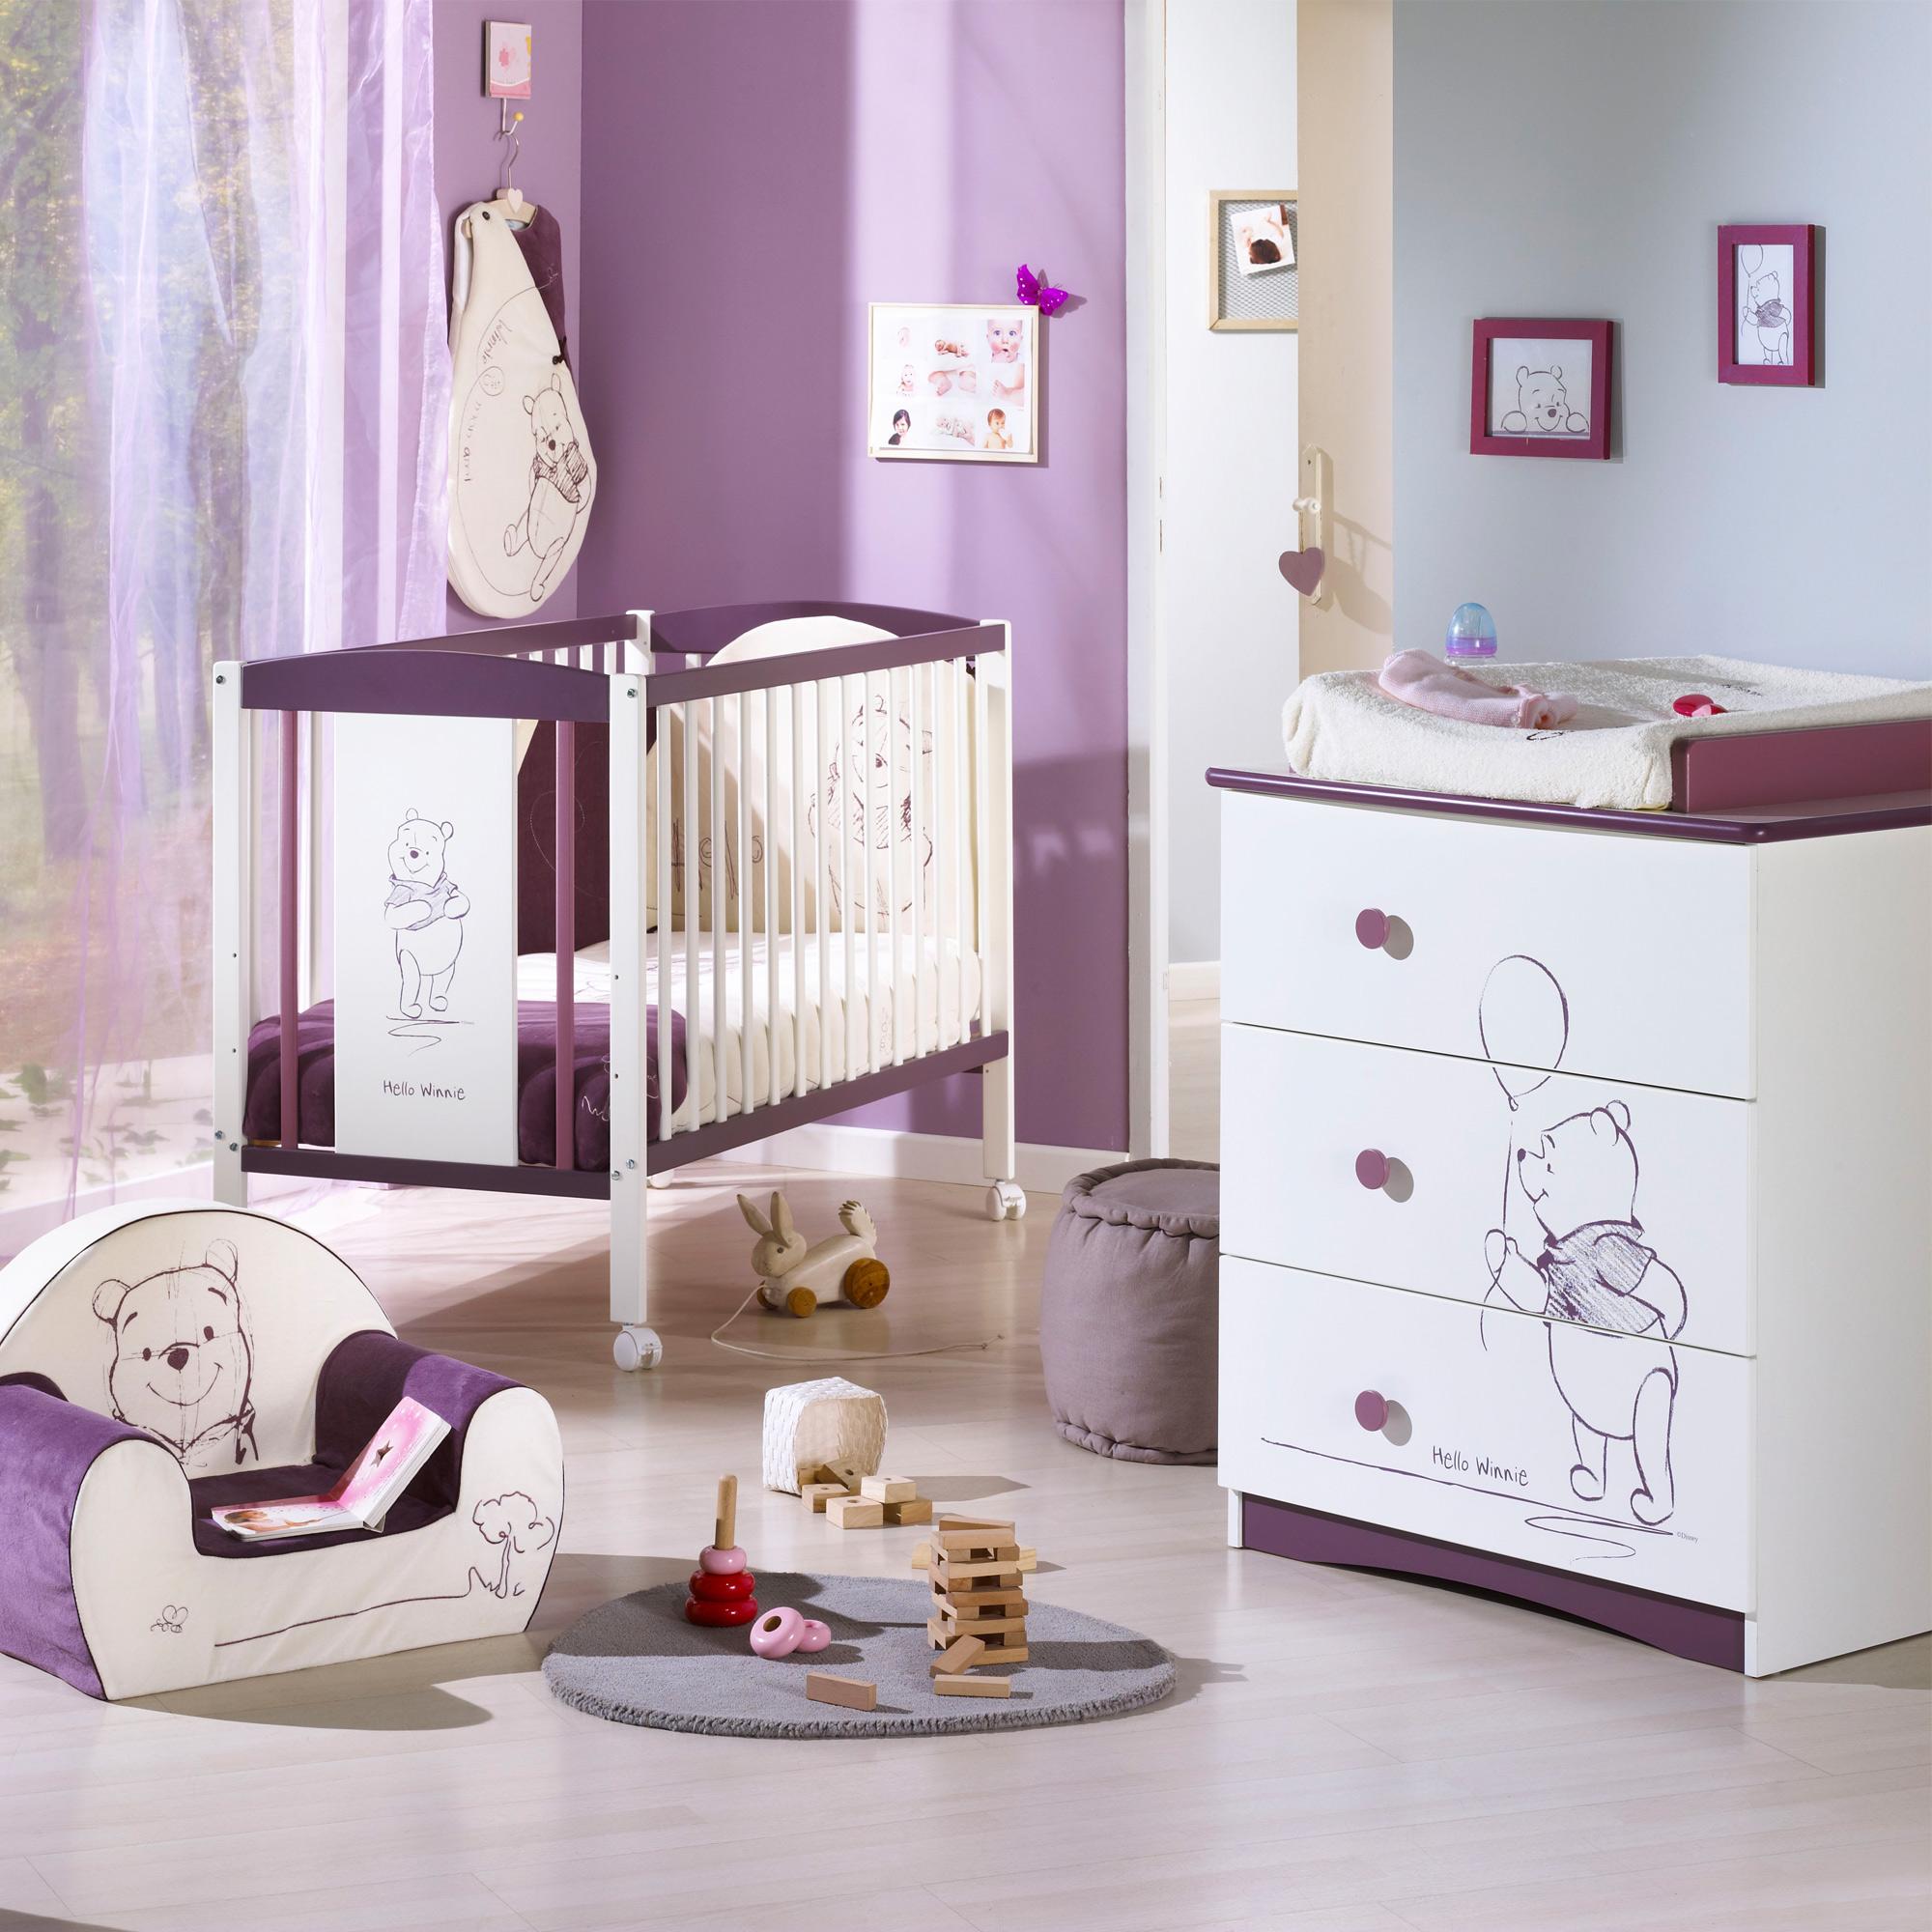 00d14989f71cf Deco pour chambre bébé pas cher - Idées de tricot gratuit